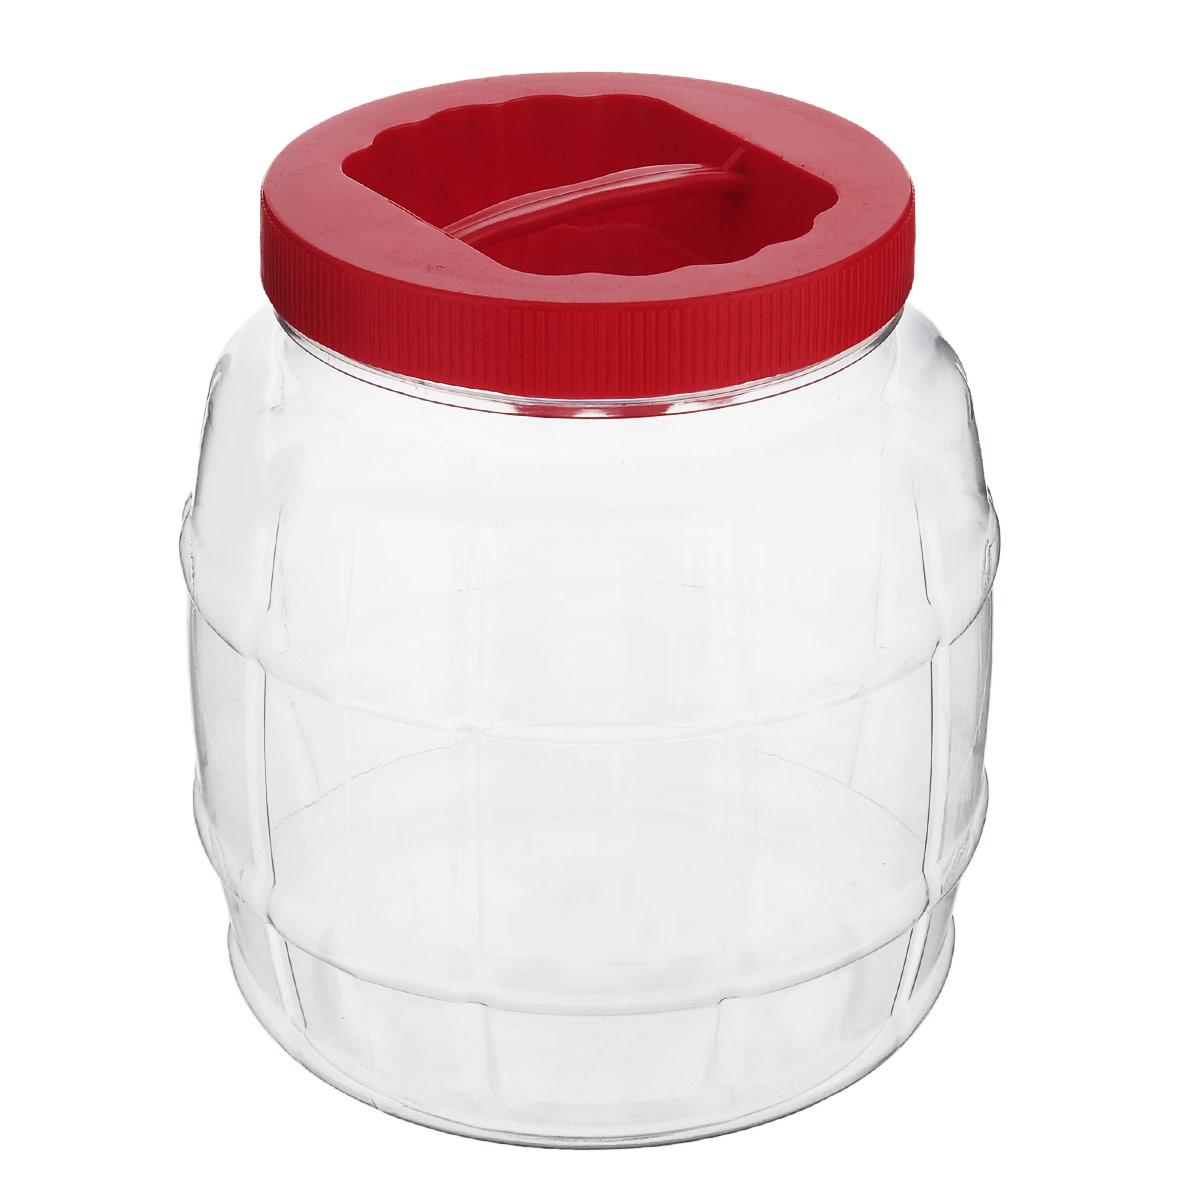 Емкость Альтернатива Бочонок, с ручкой, цвет: красный, 2 лМ689_красныйЕмкость Альтернатива Бочонок предназначена для хранения сыпучих продуктов или жидкостей. Выполнена из высококачественного пластика. Оснащена ручкой для удобной переноски. Диаметр: 10,5 см. Высота (без учета крышки): 15,5 см.